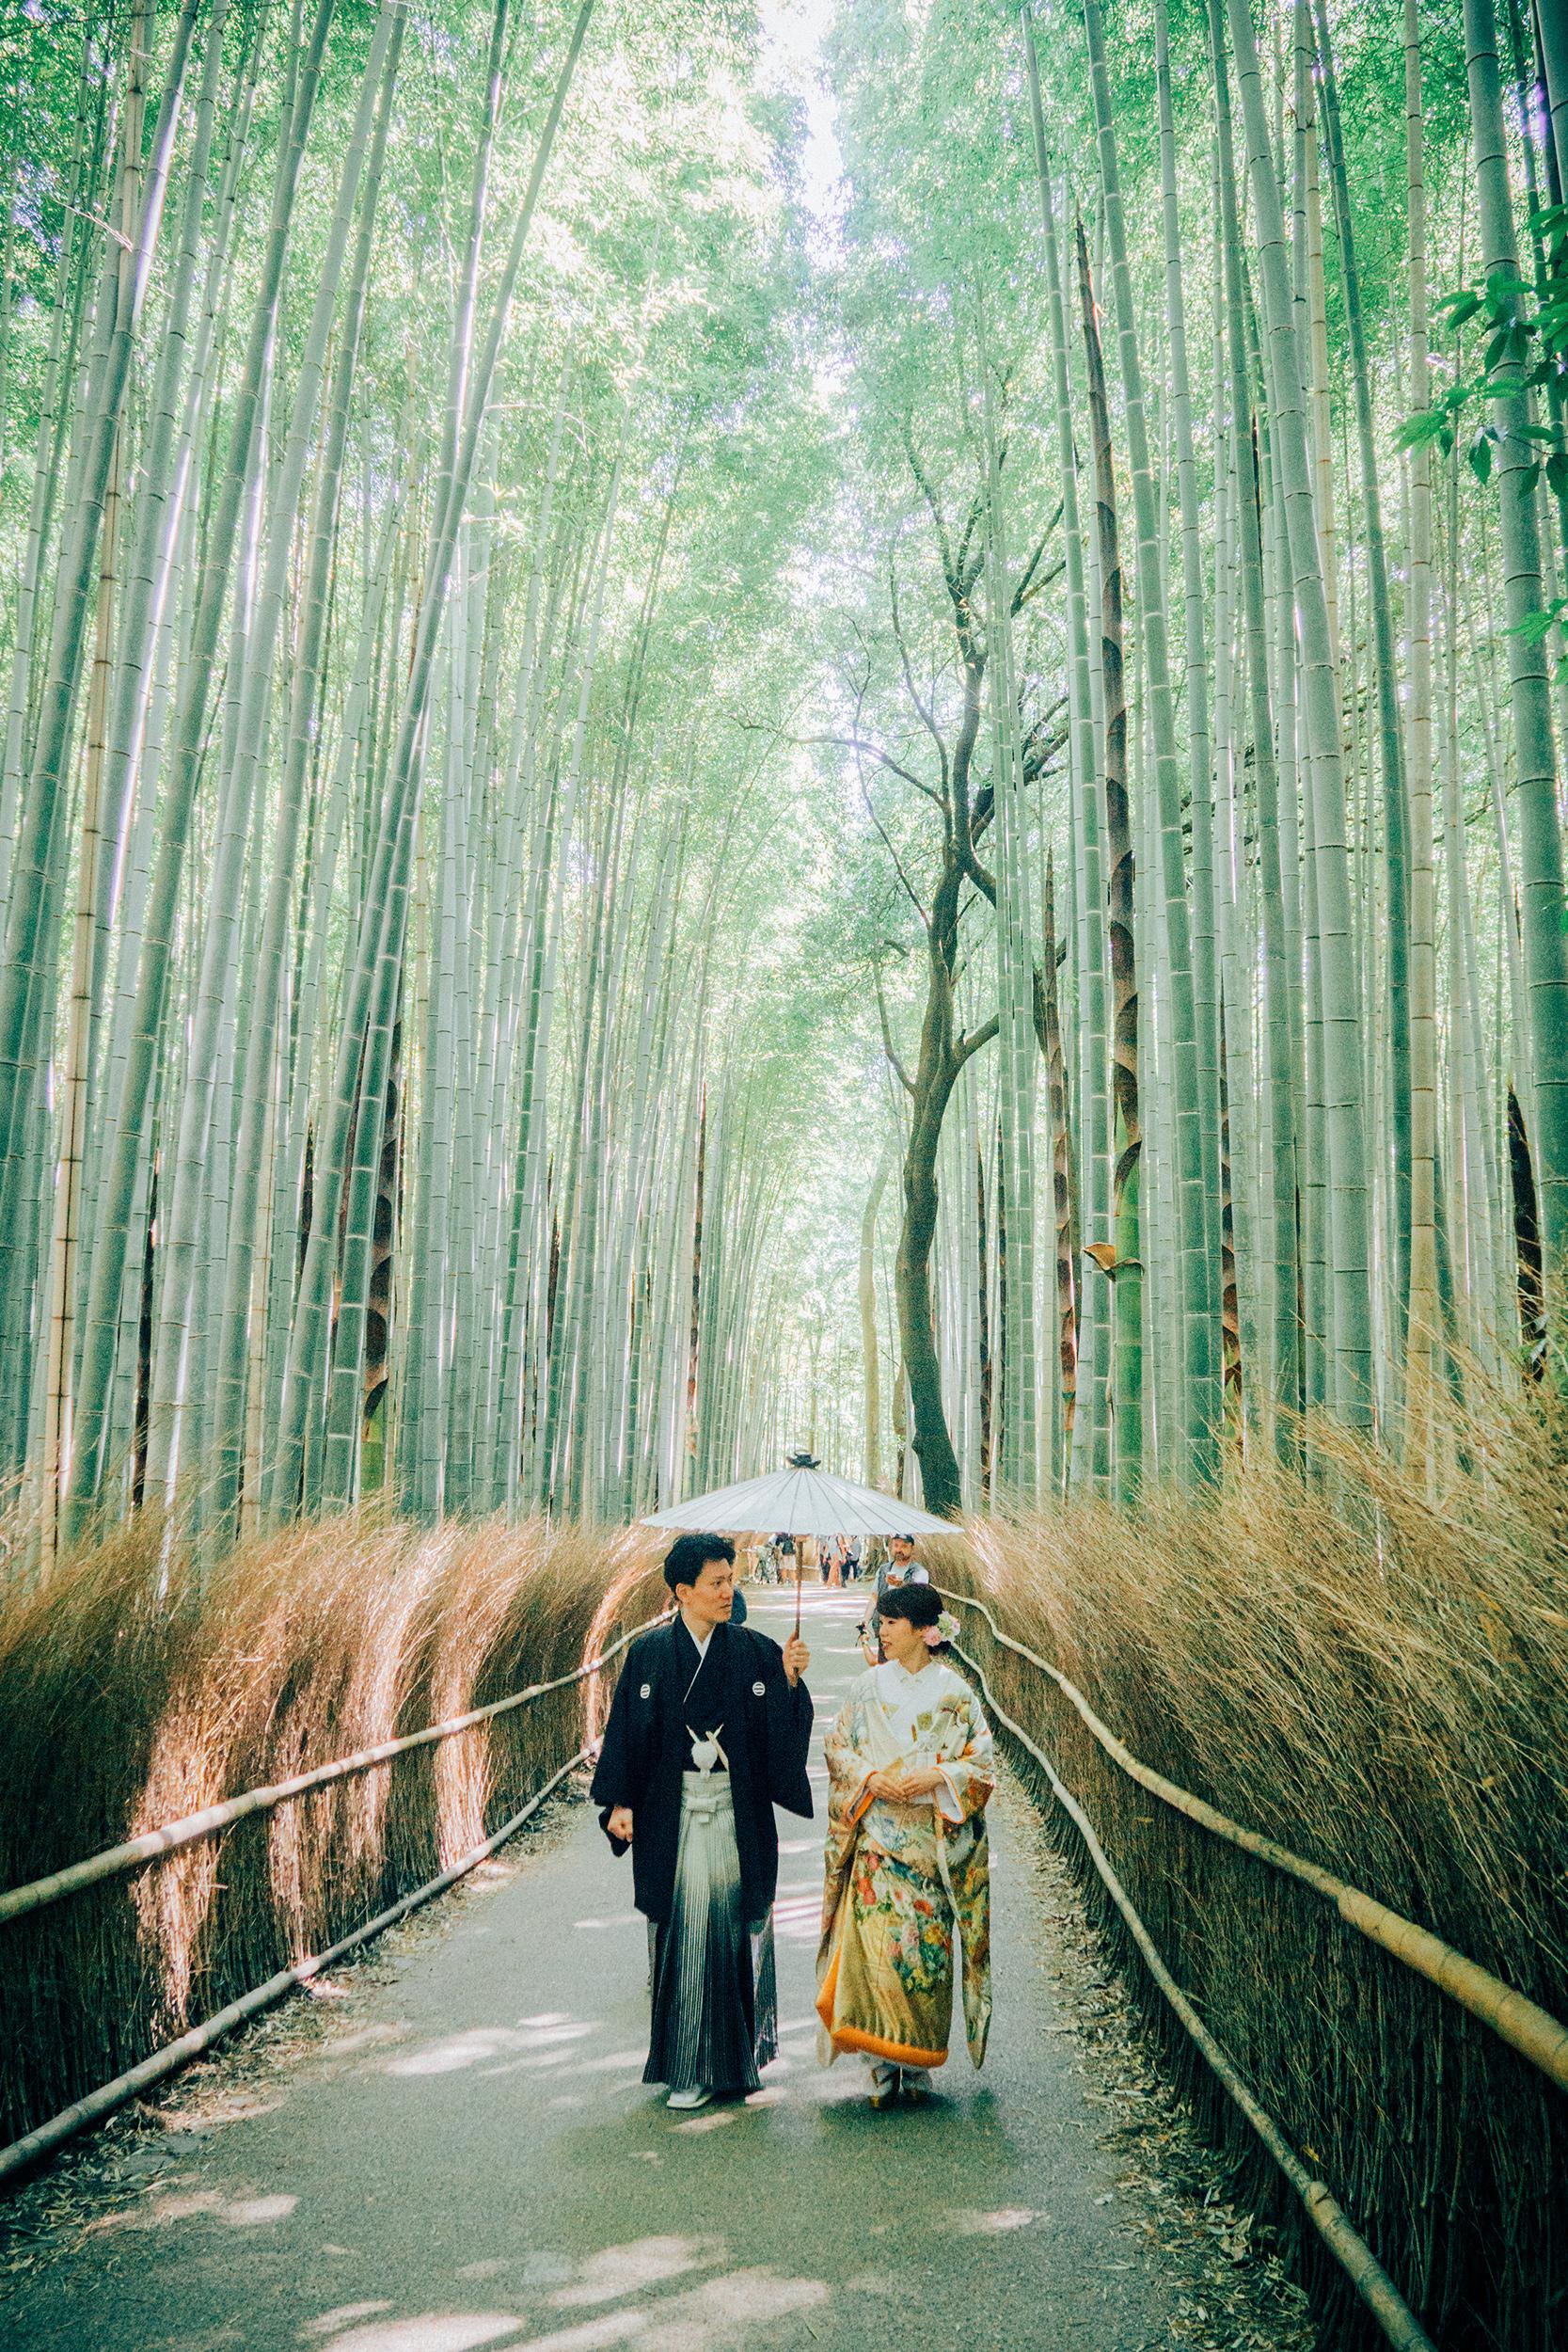 @xlixir - Kyoto, Japan